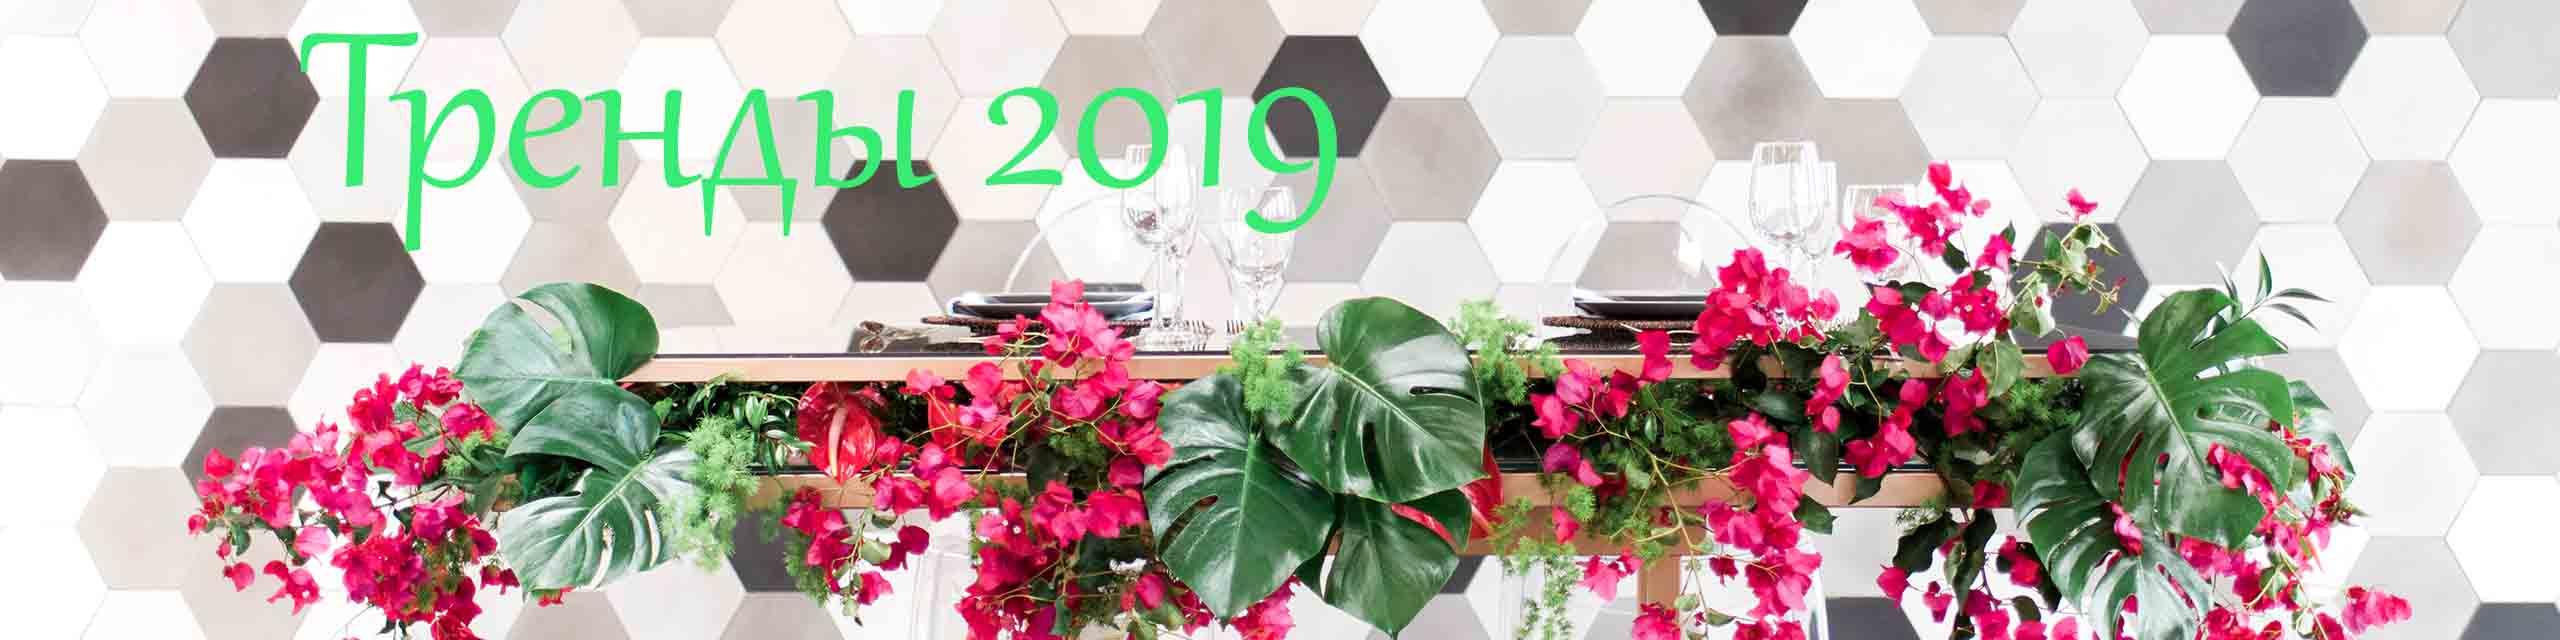 svadebnye trendy 2019